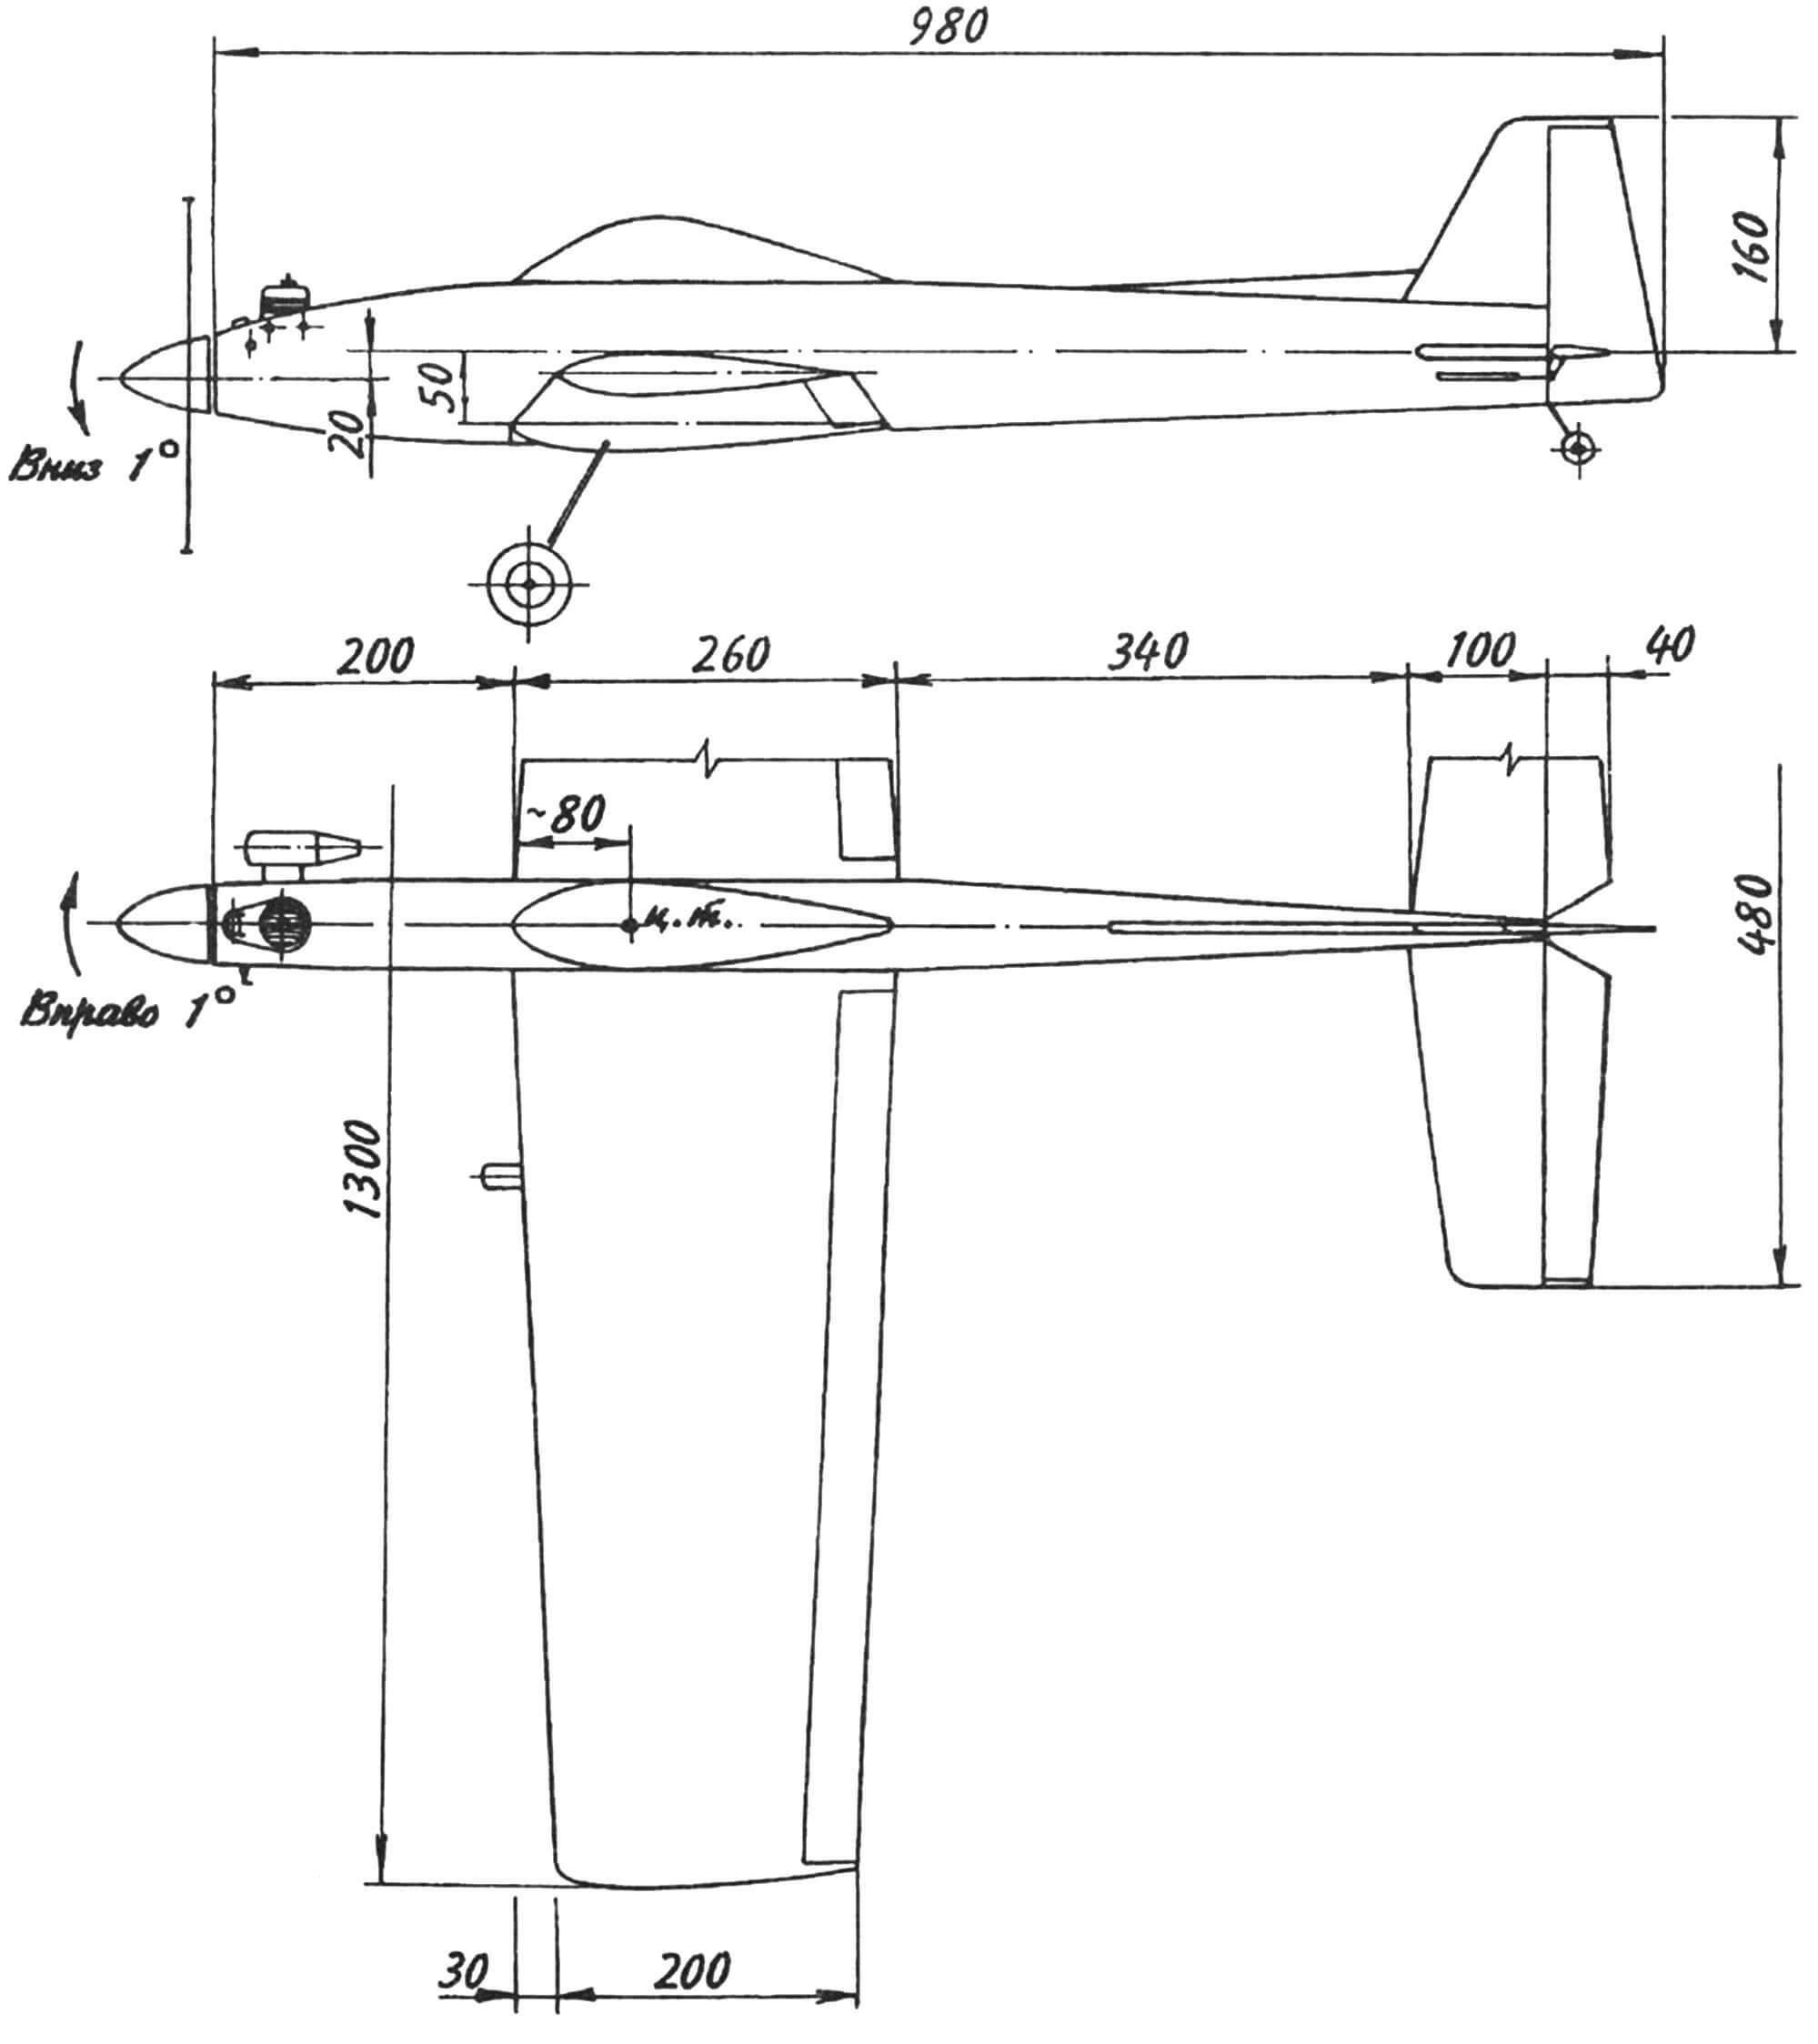 Геометрическая схема радиоуправляемой тренировочной модели самолета